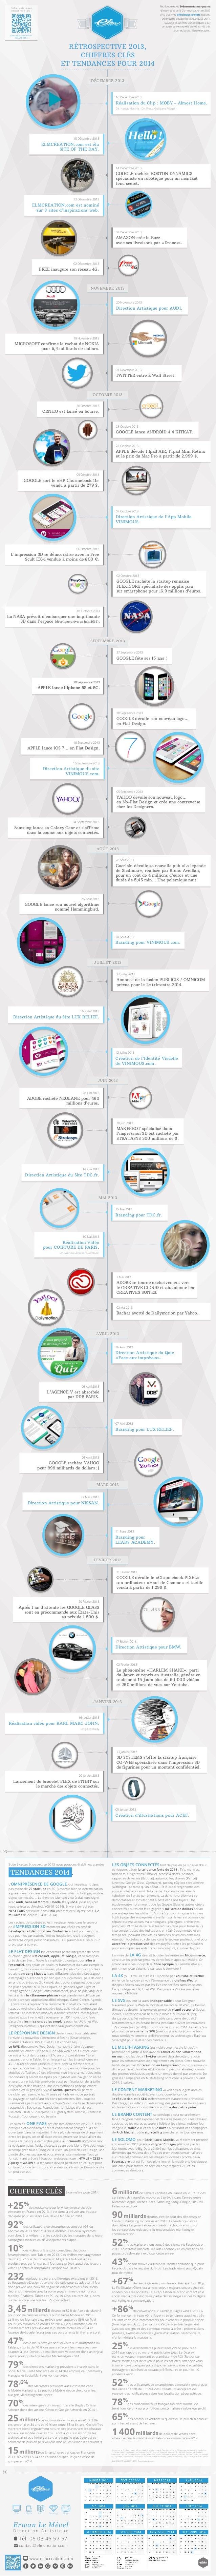 Redécouvrez les événements marquants  Profitez de la version interactive en ligne :  d'Internet et de la Communication en ...